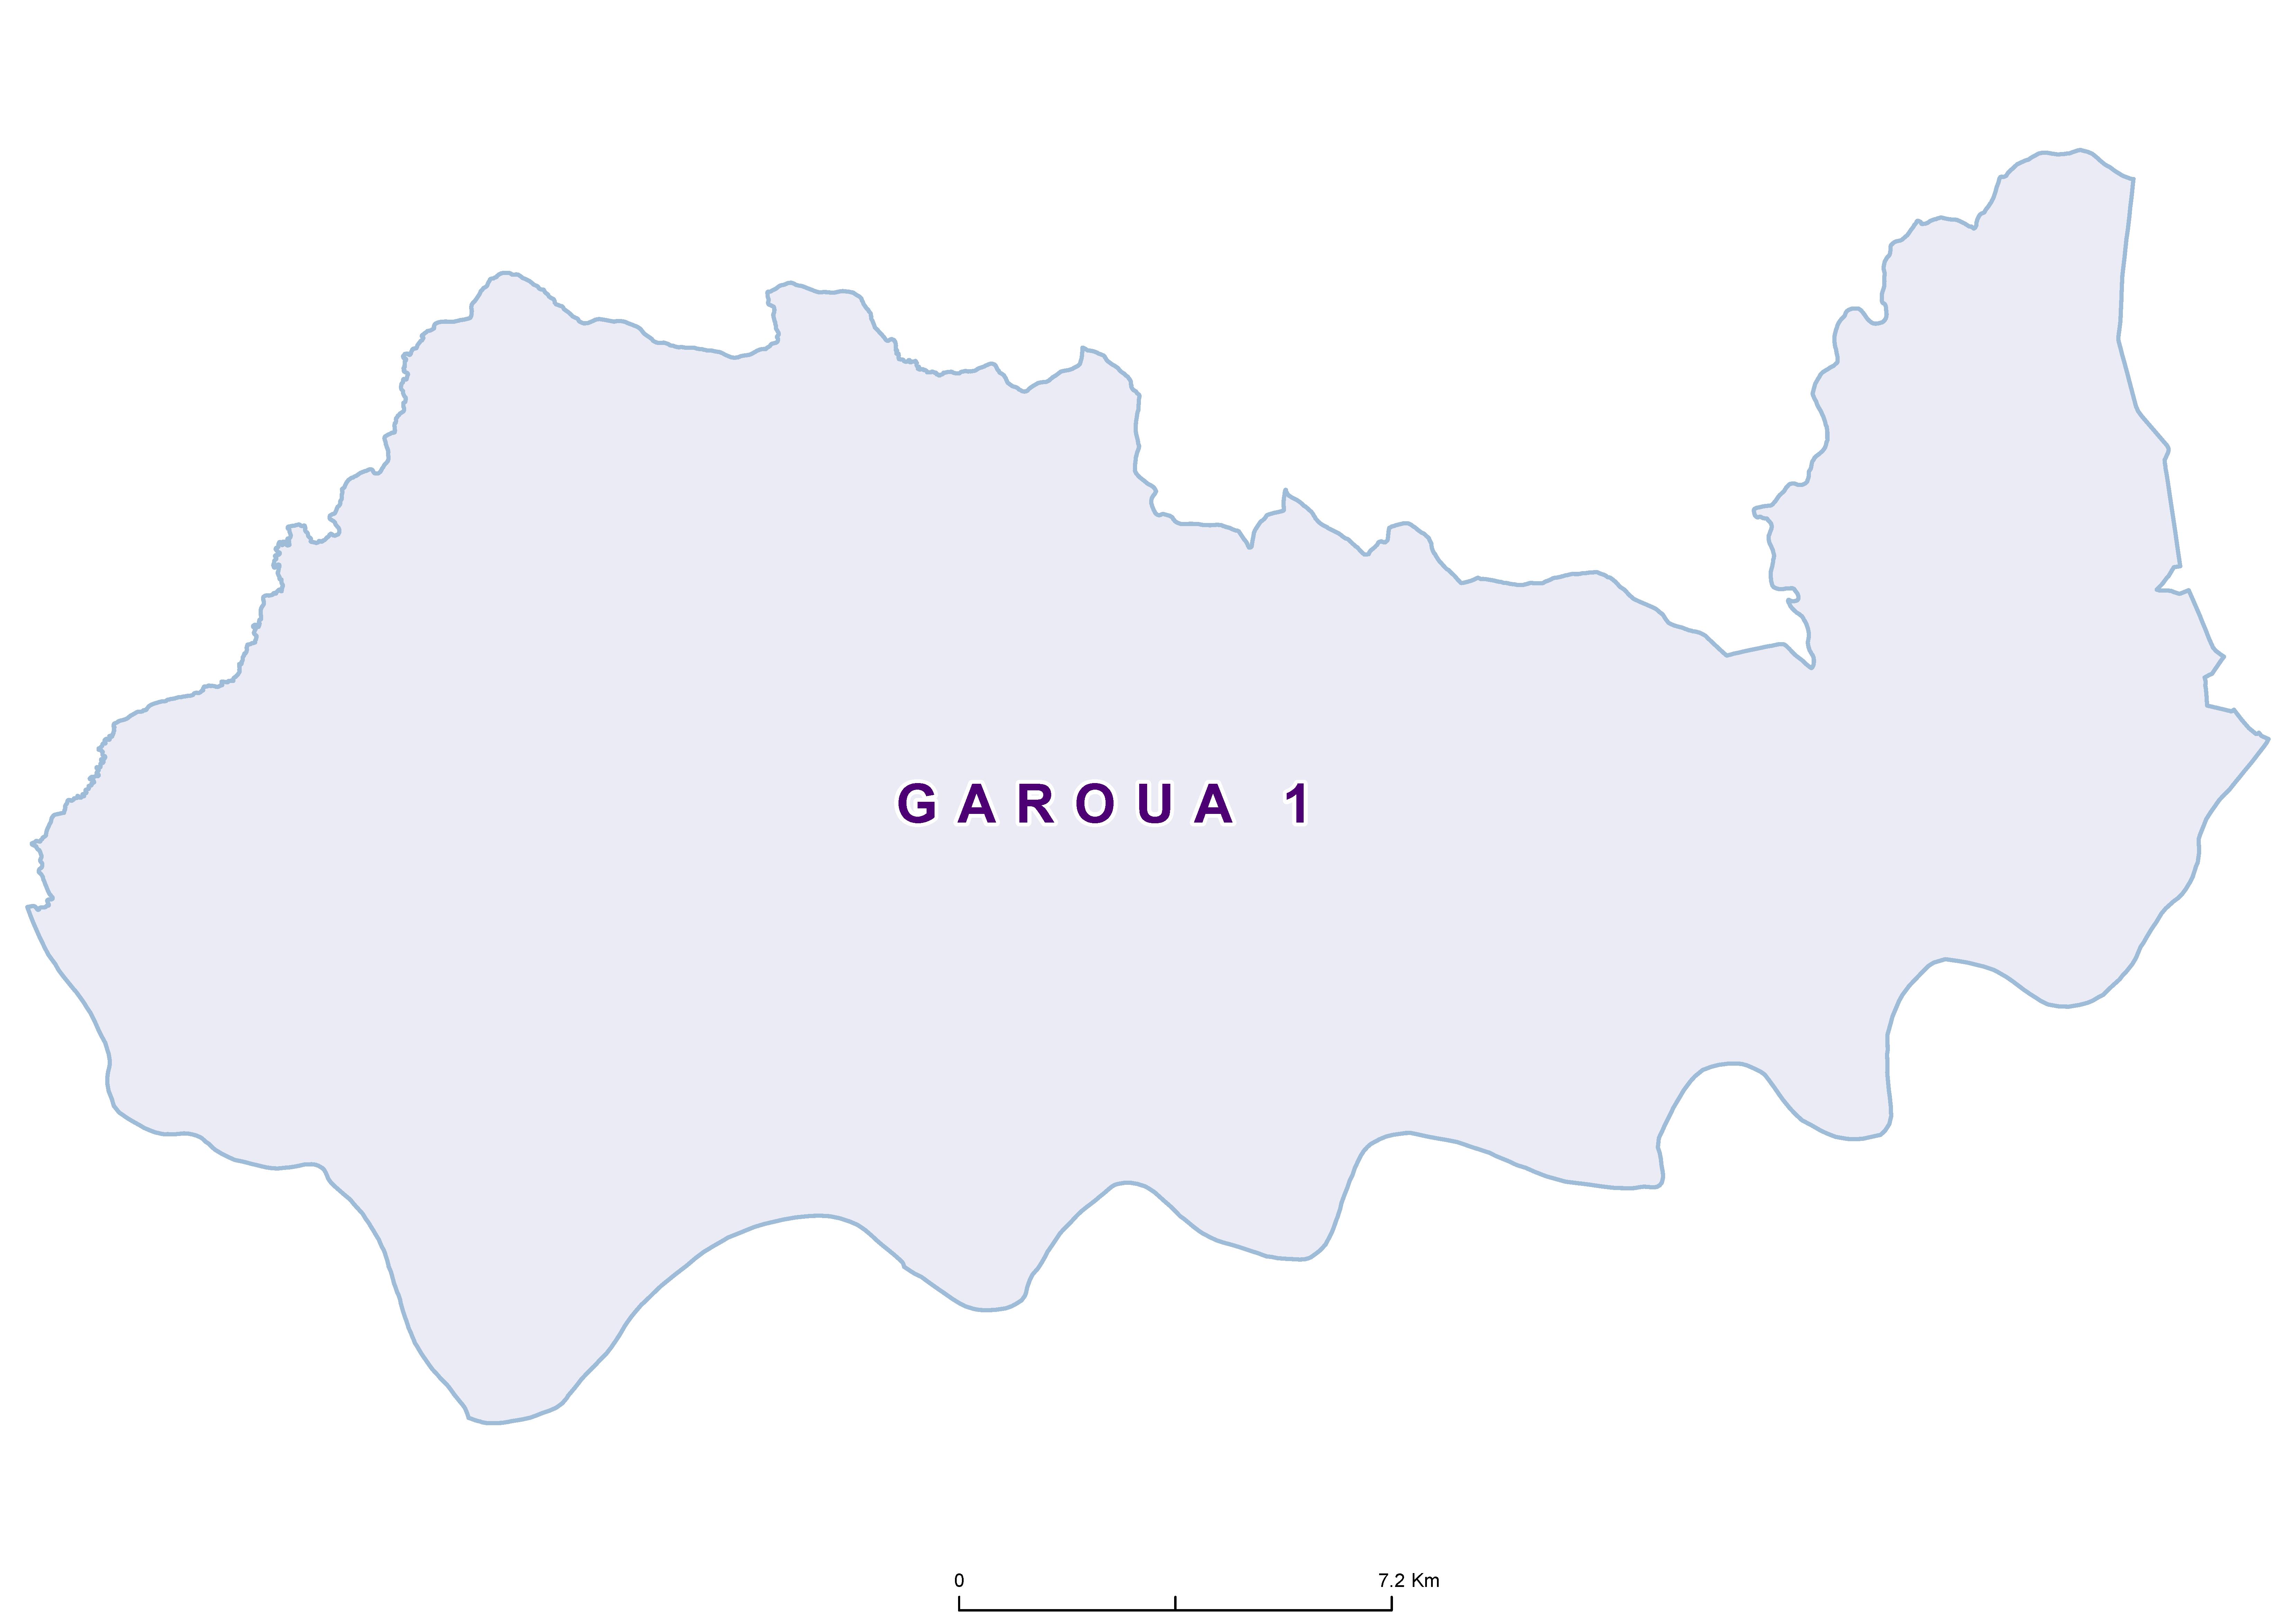 Garoua 1 Max STH 20180001